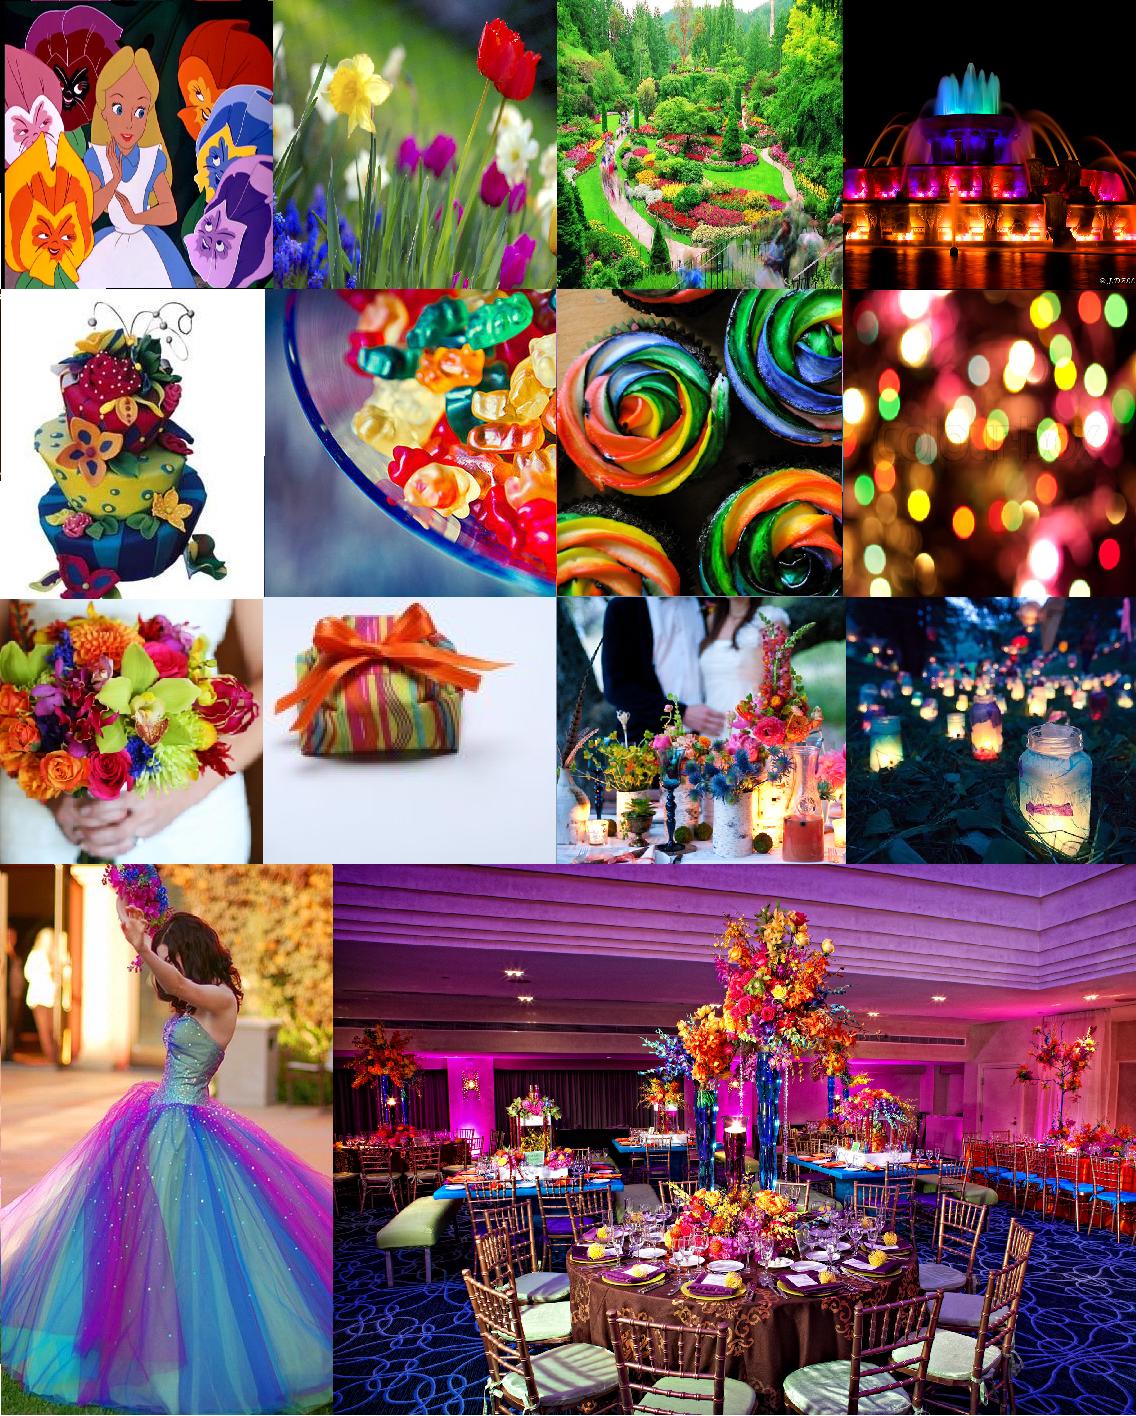 A Magical Wedding Guide Inspiration For A Colorful Garden Wedding Theme